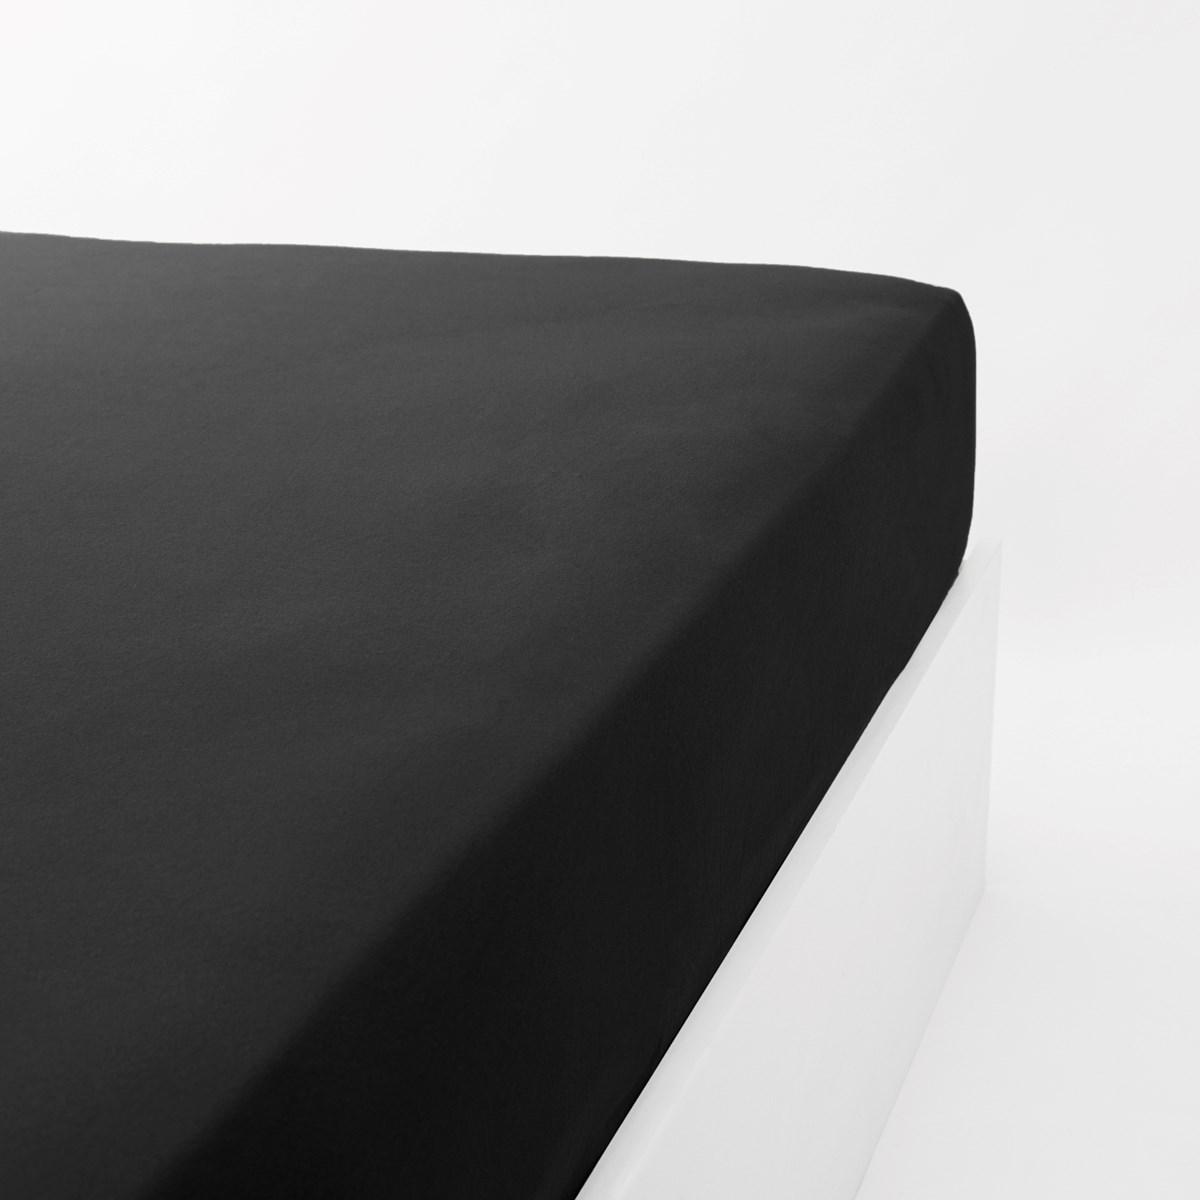 Drap housse jersey extensible en coton noir 130x190 cm